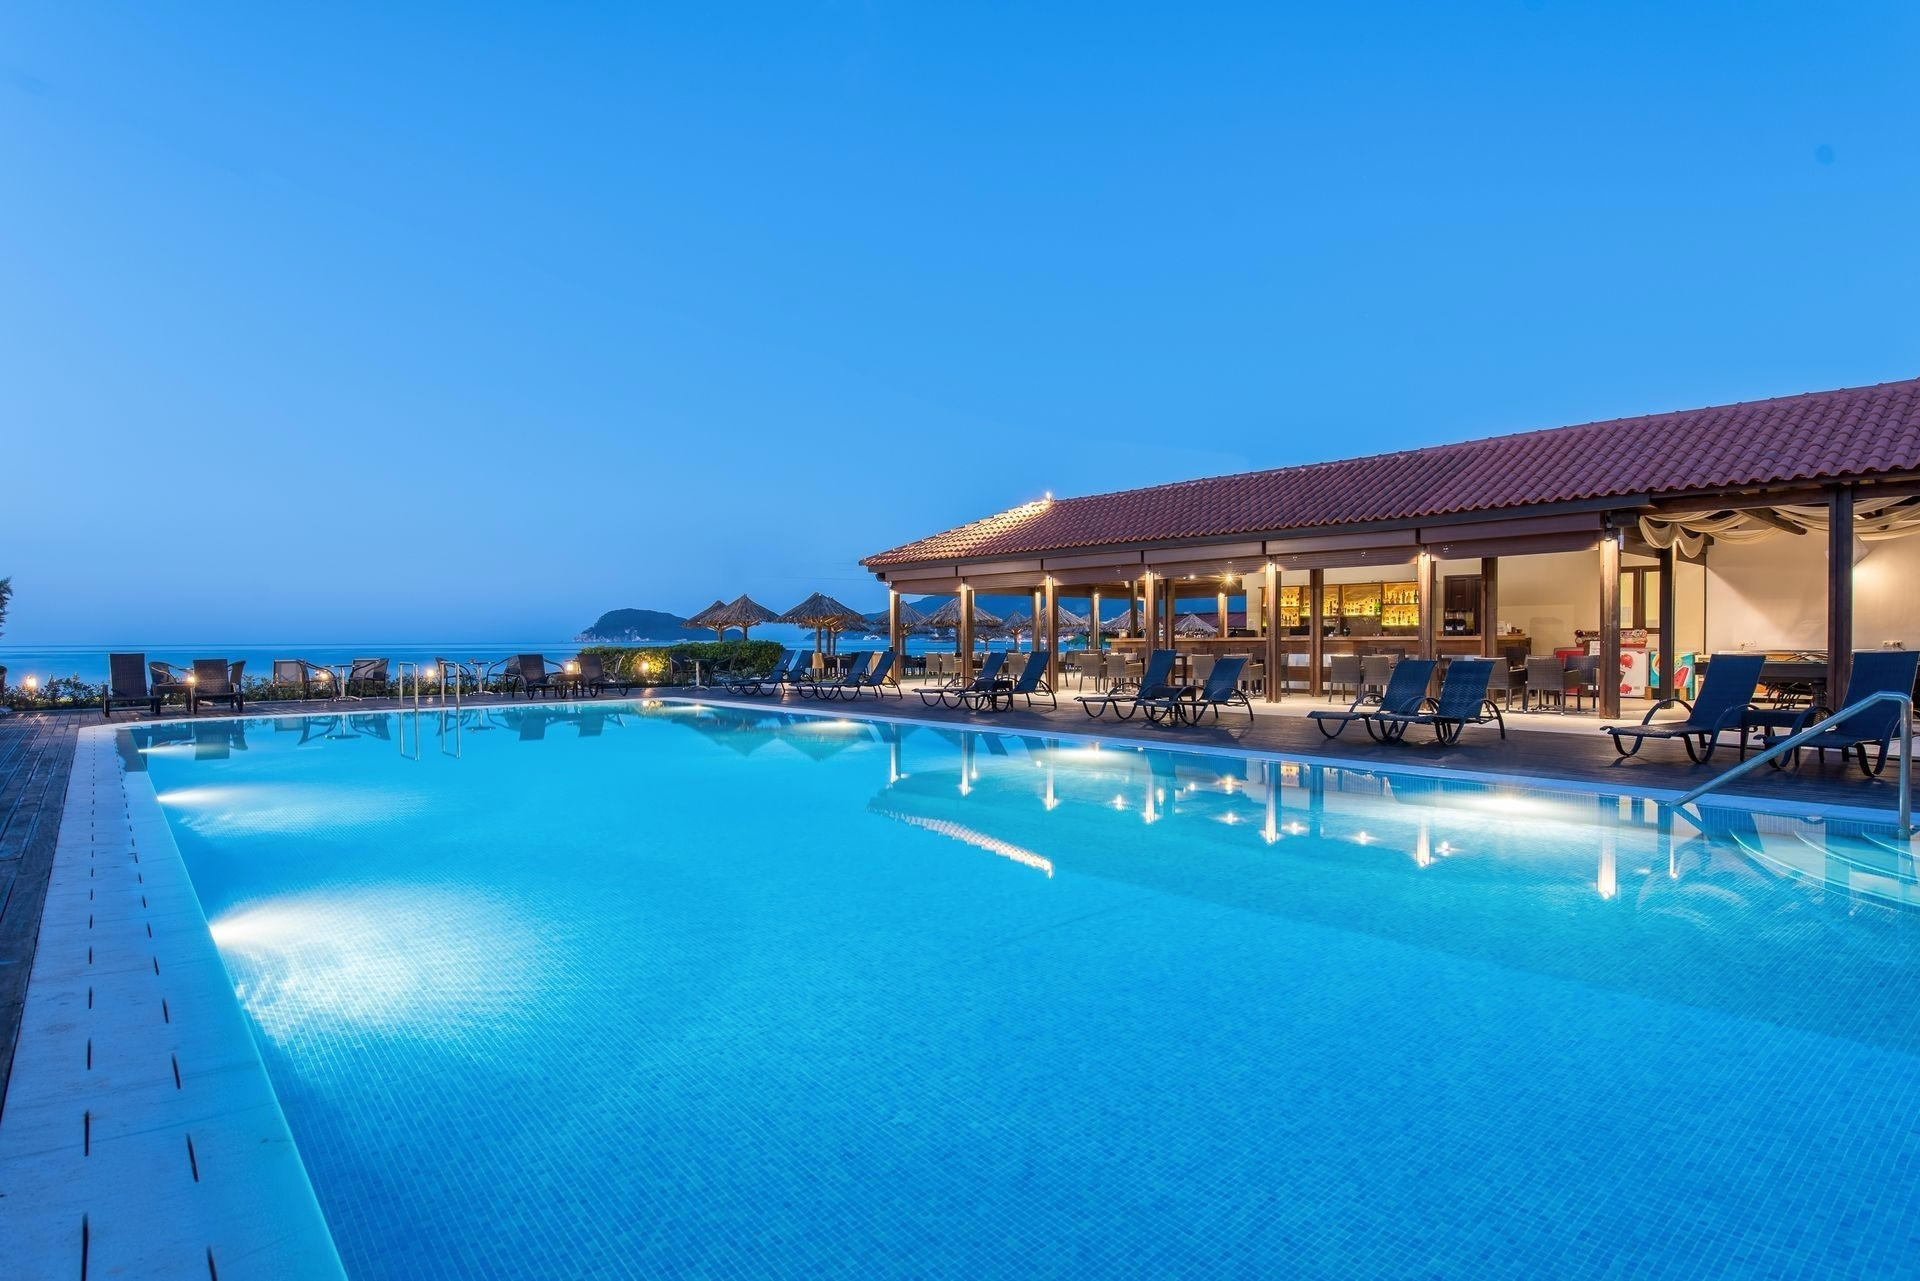 5* Galaxy Beach Resort - Ζάκυνθος, Λαγανάς ✦ -20% ✦